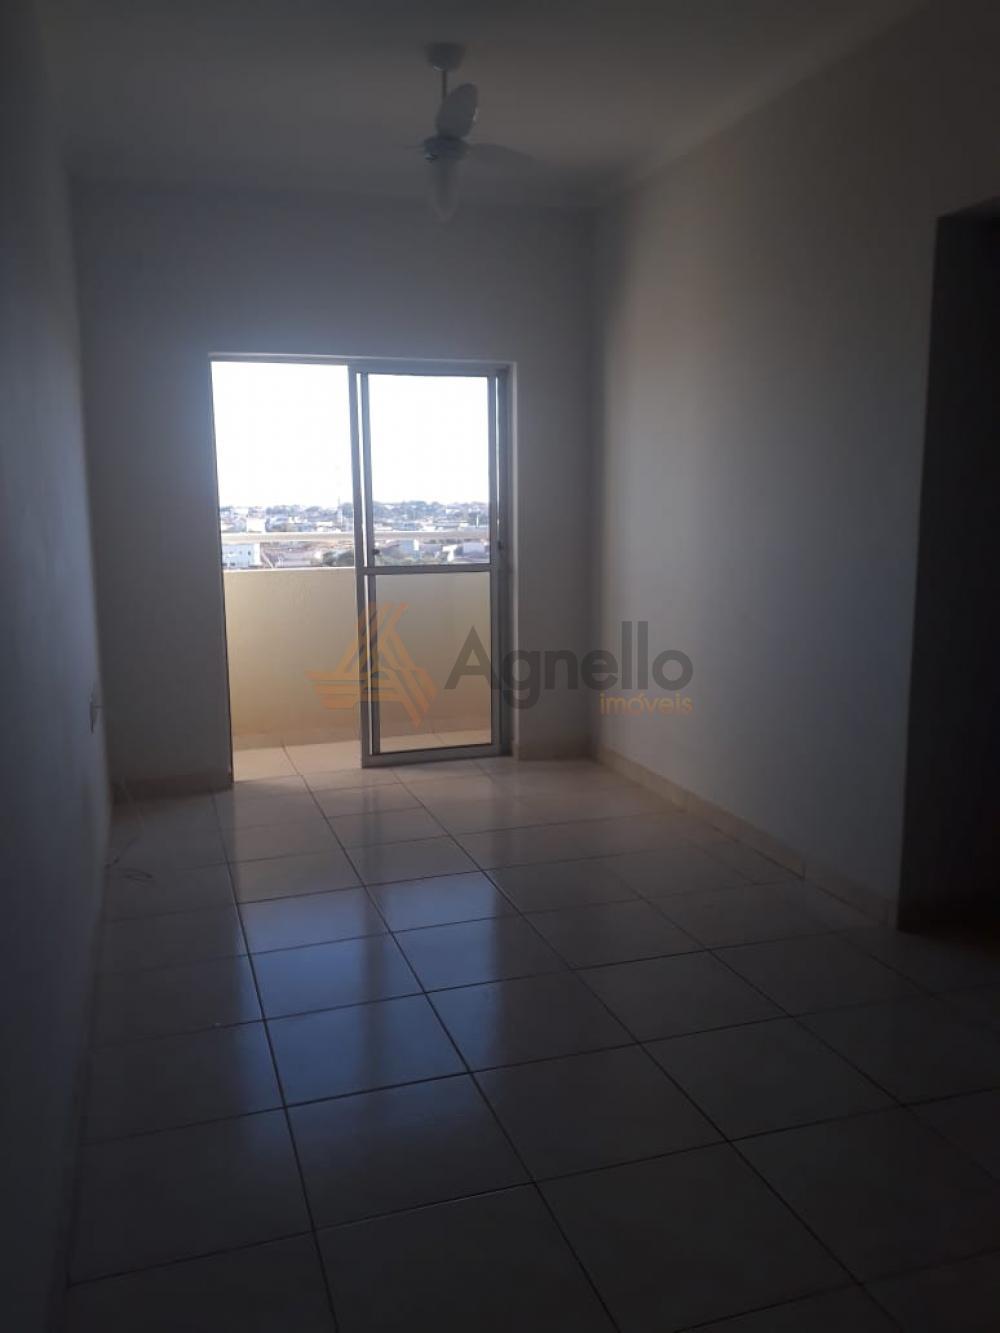 Comprar Apartamento / Padrão em Franca R$ 170.000,00 - Foto 1